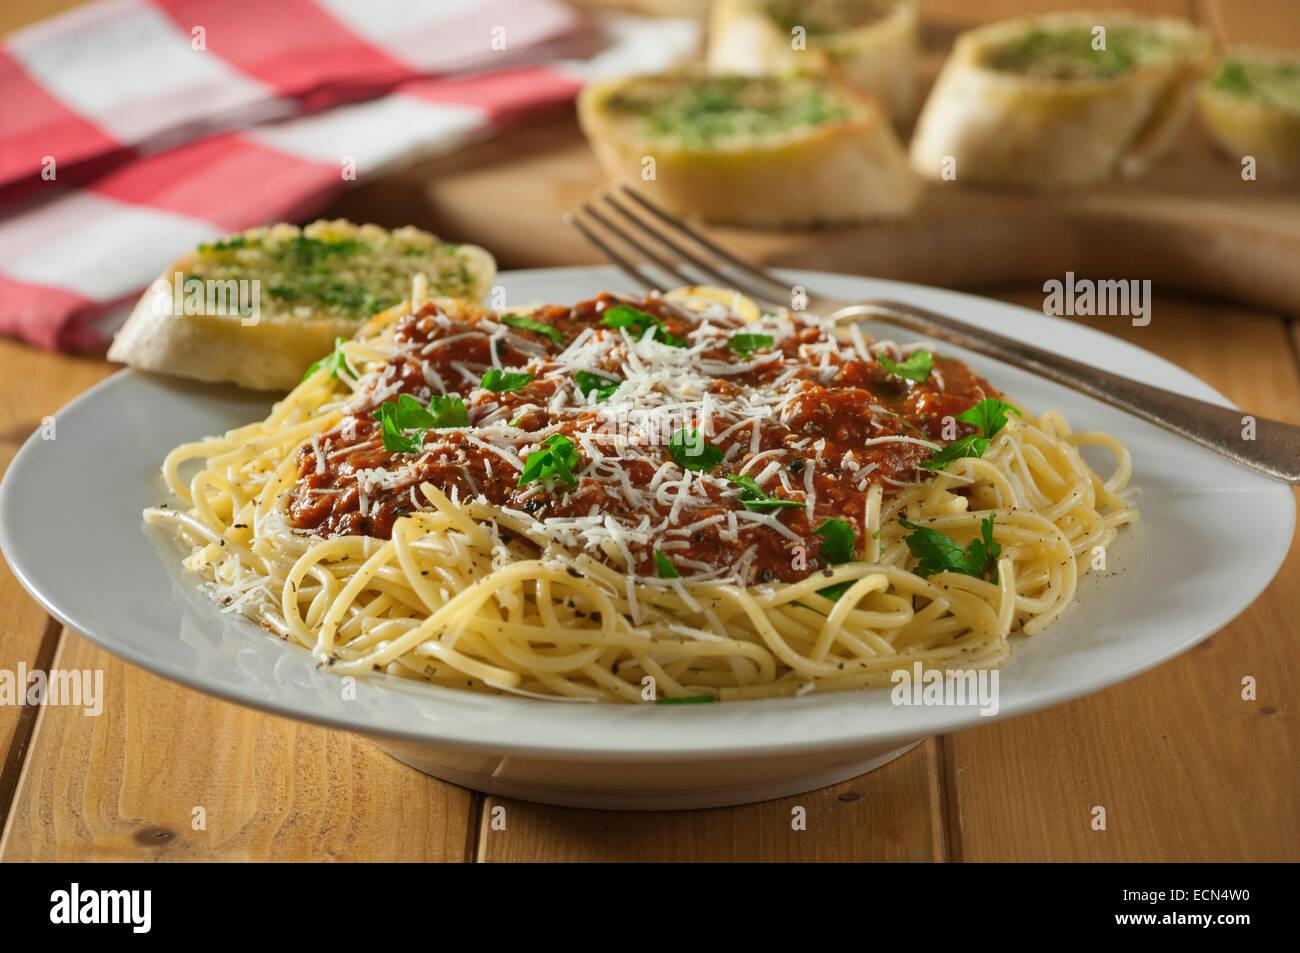 Spaghettis à la bolognaise avec du pain à l'ail. Plat de pâtes italiennes. Photo Stock